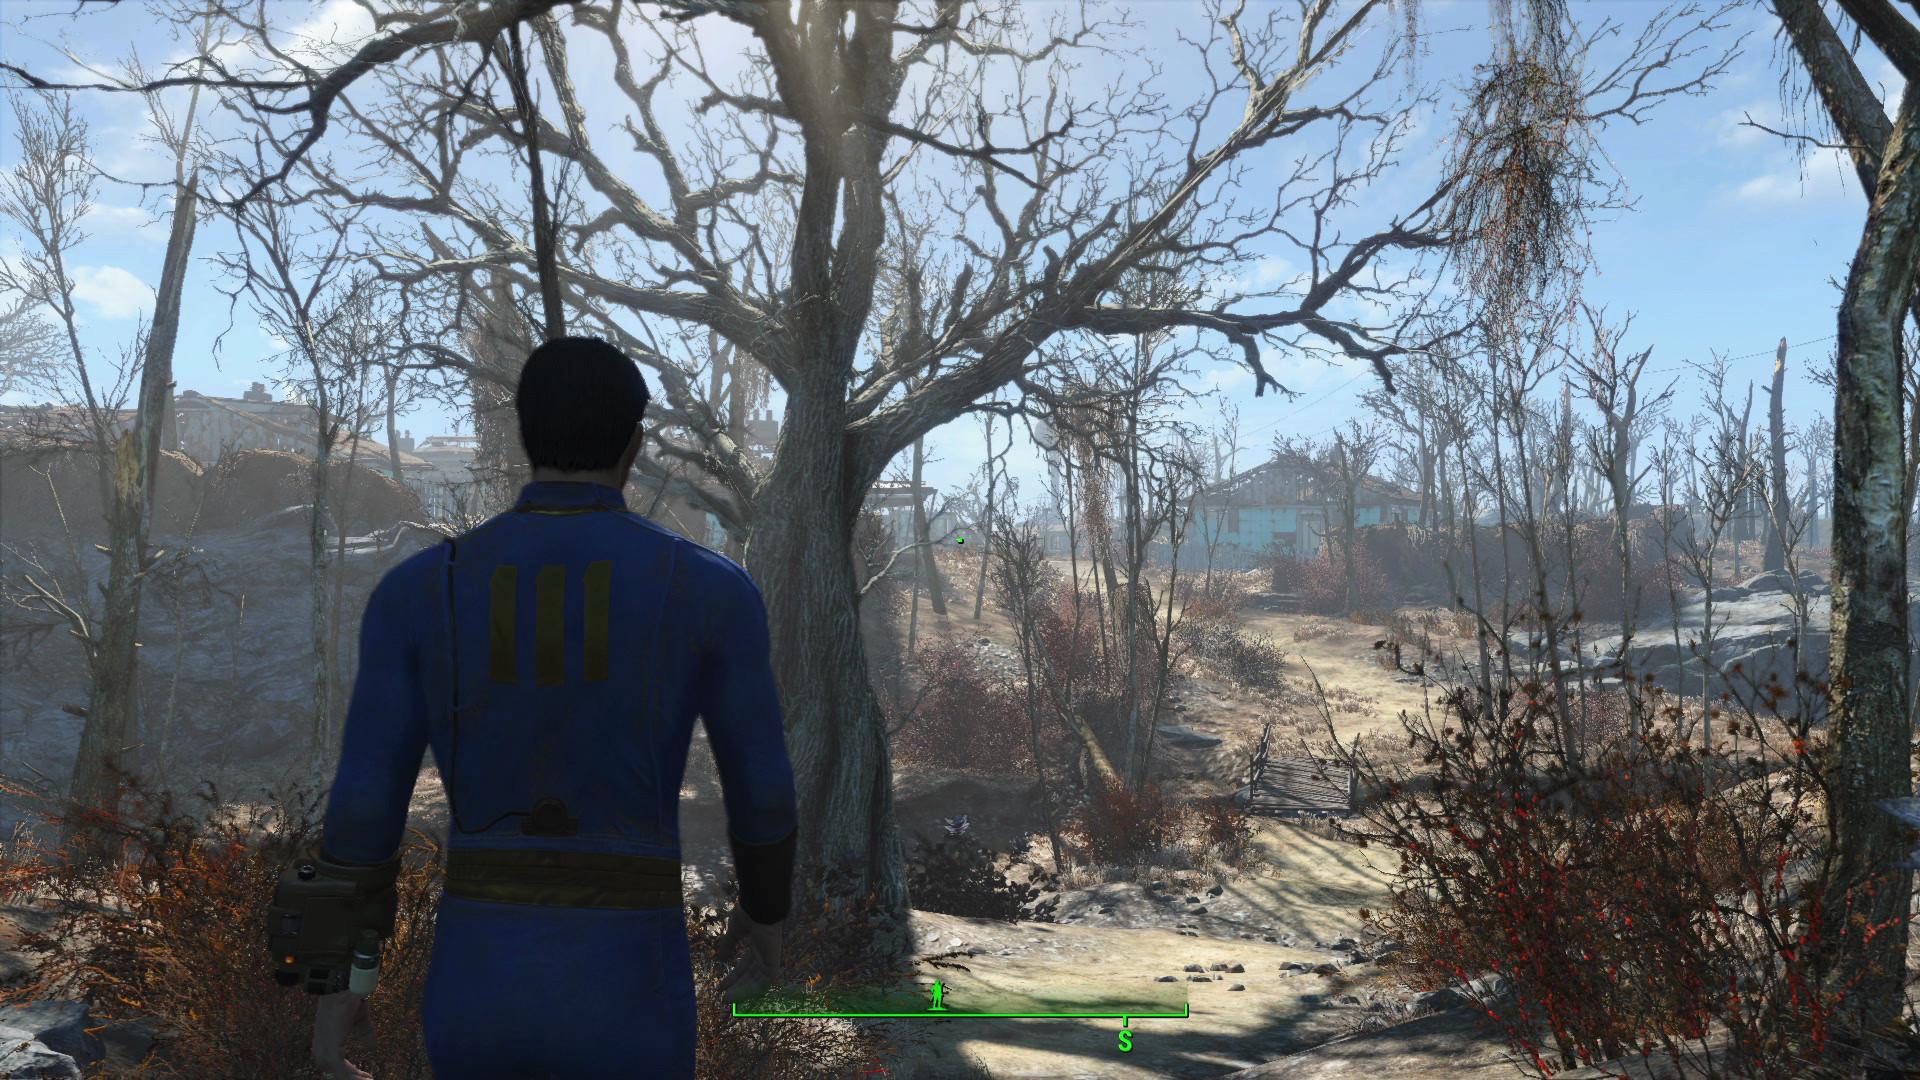 Fallout 4 ESPAÑOL PC Full + Update v1.1.30 (CODEX) + REPACK 5 DVD5 (JPW) 9